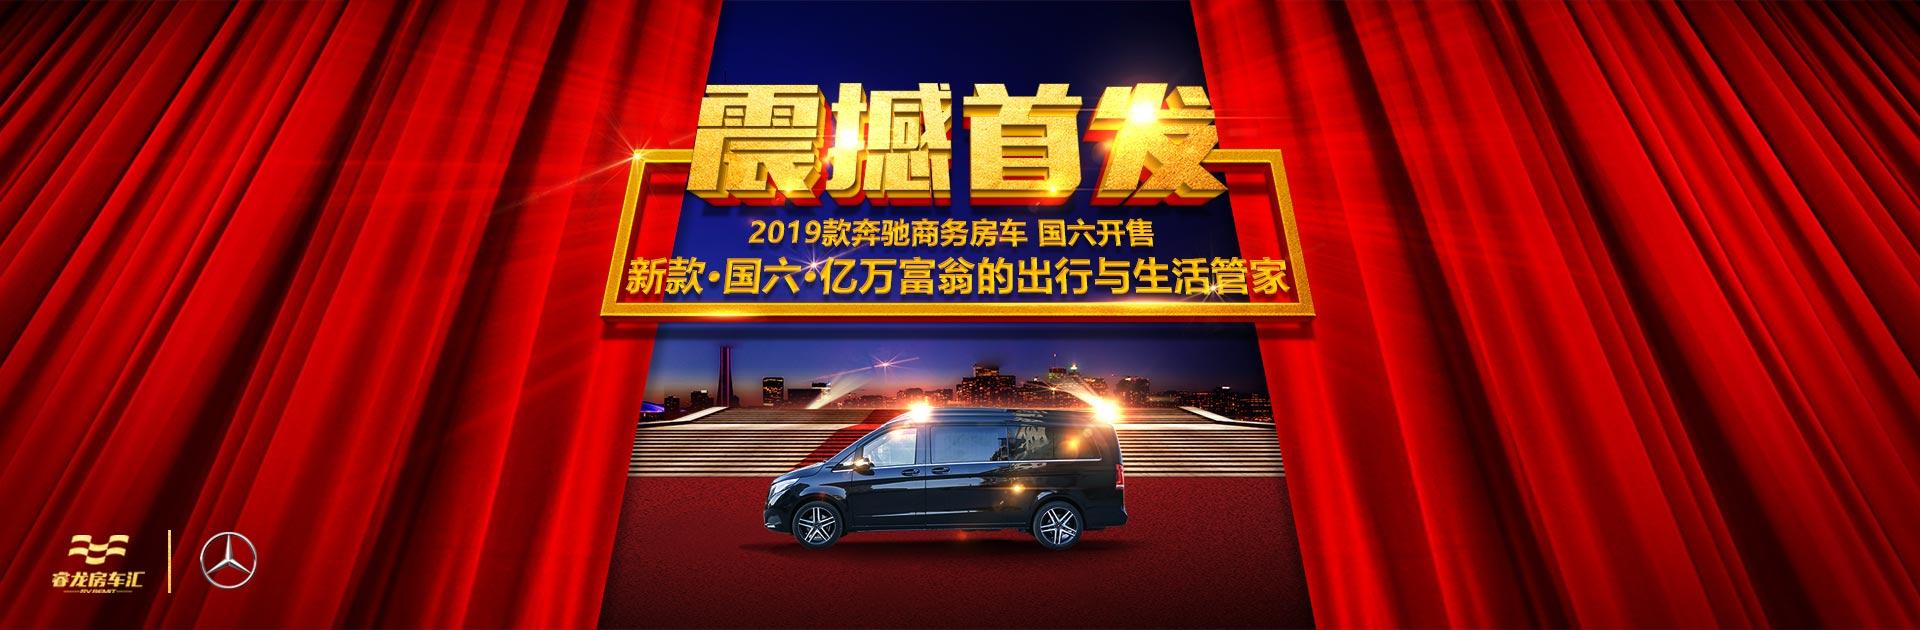 2019款奔驰商务车 国六车型可售